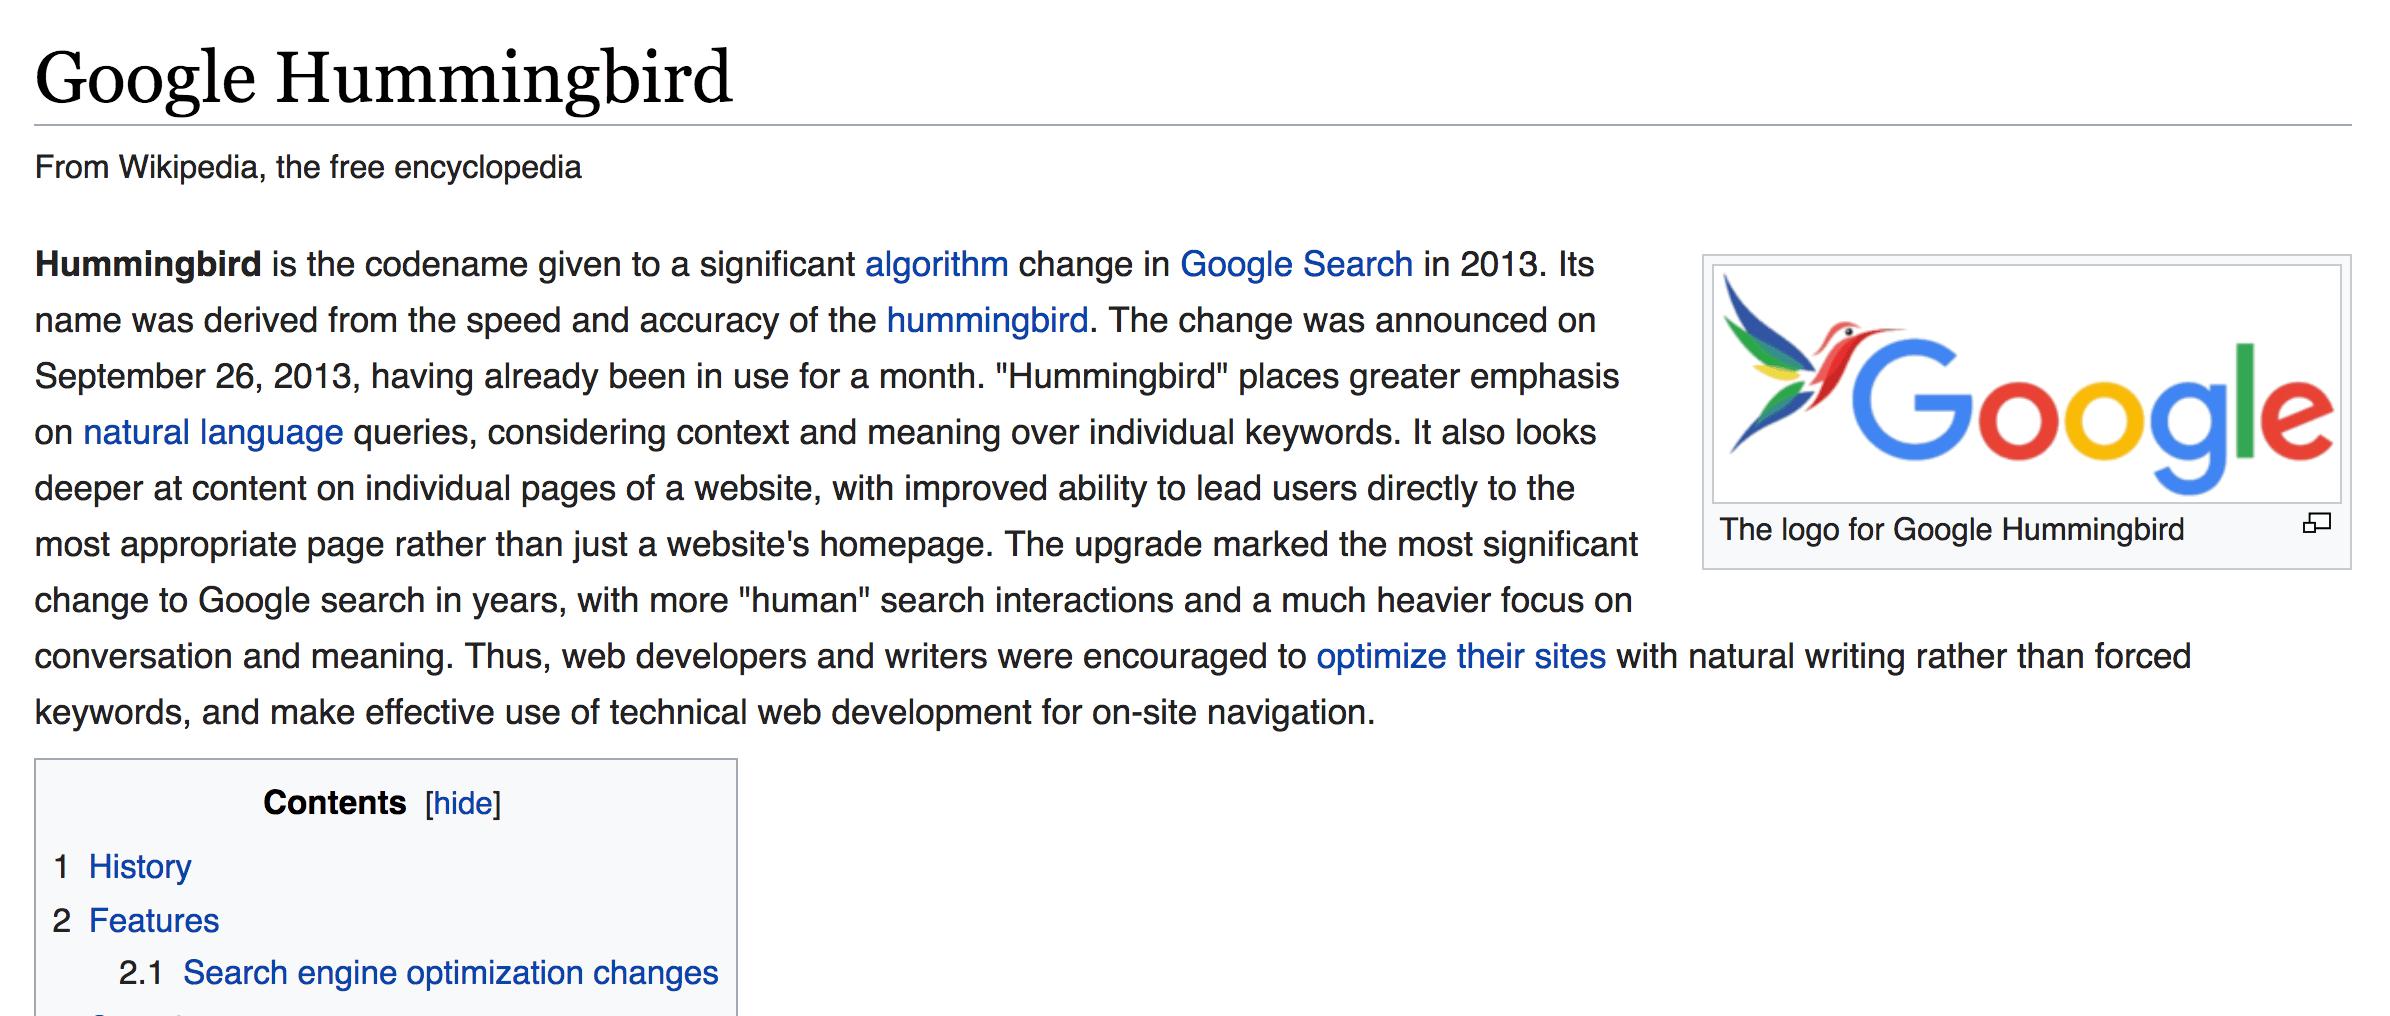 ویکی پدیا مرغ مگس خوار گوگل